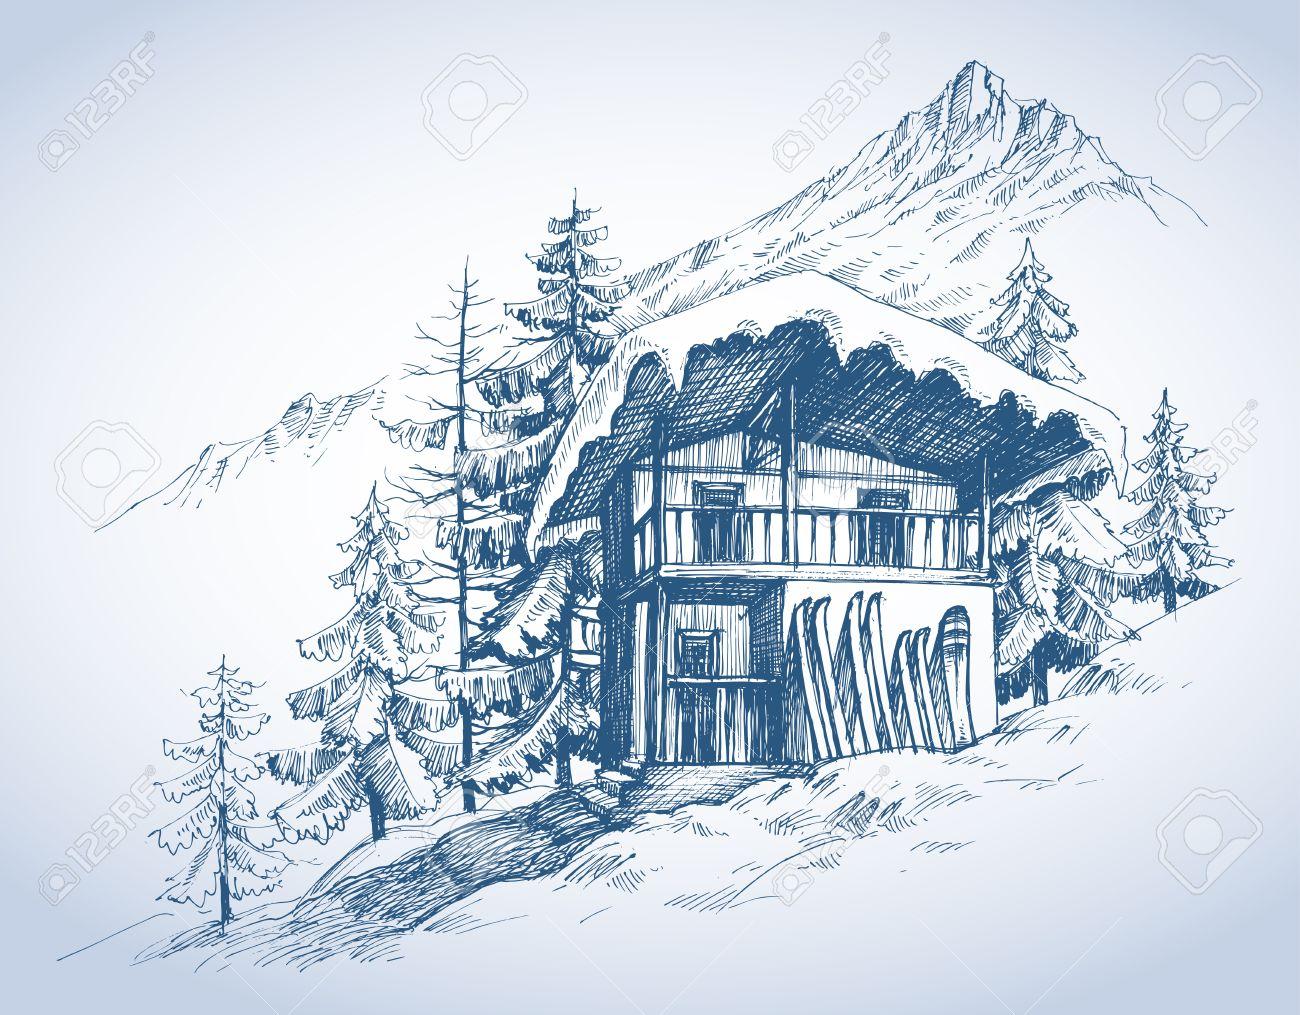 Ski hut in mountains resort - 49696847